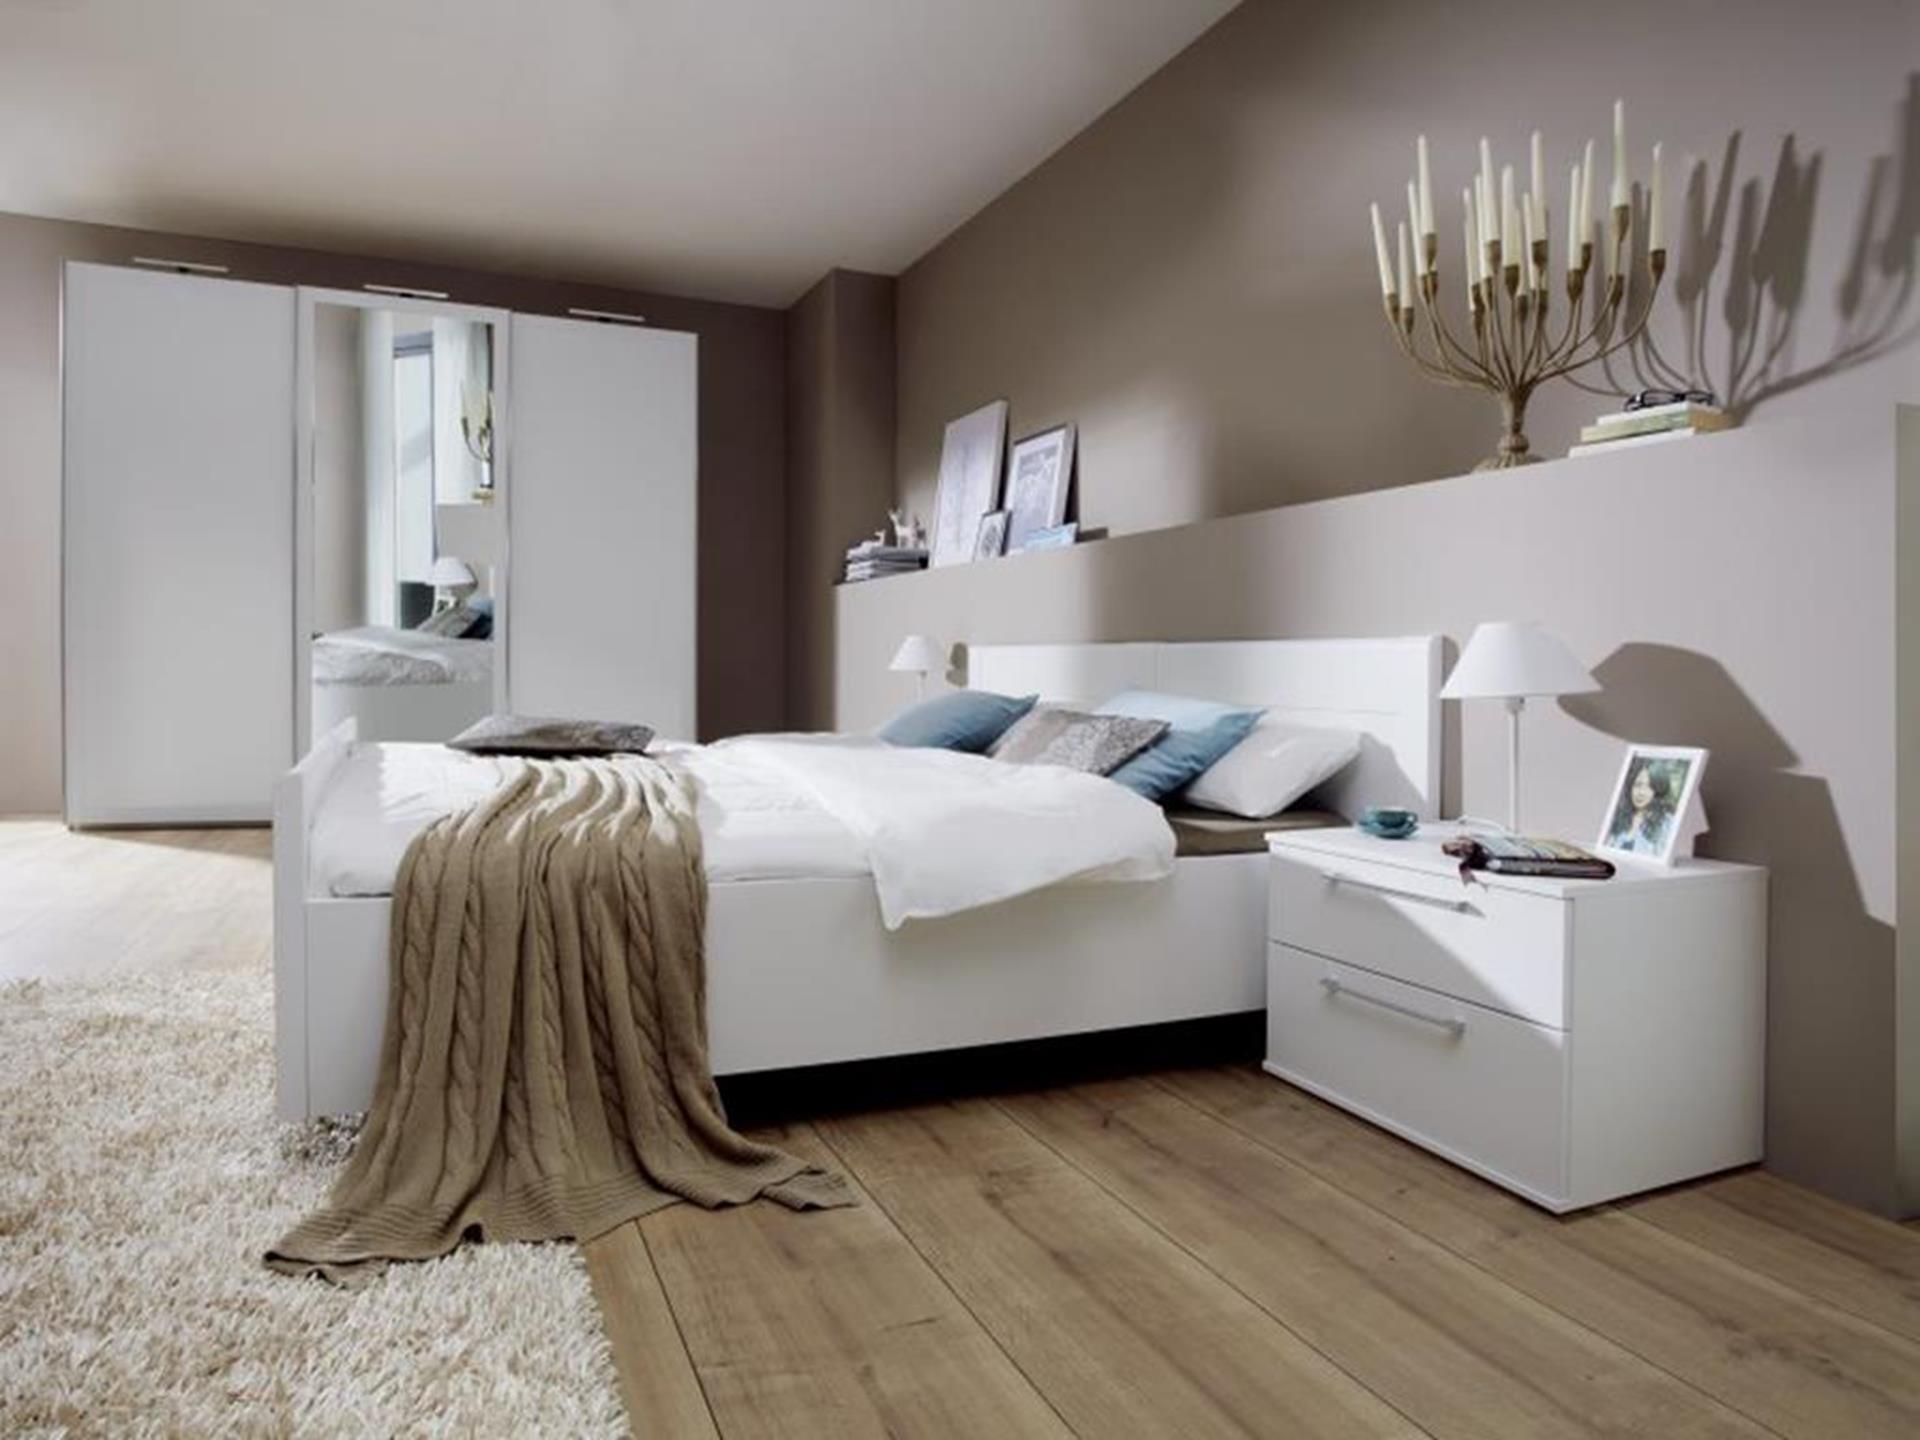 meble w sypialni niemieckiej produkcji wysokiej jakości